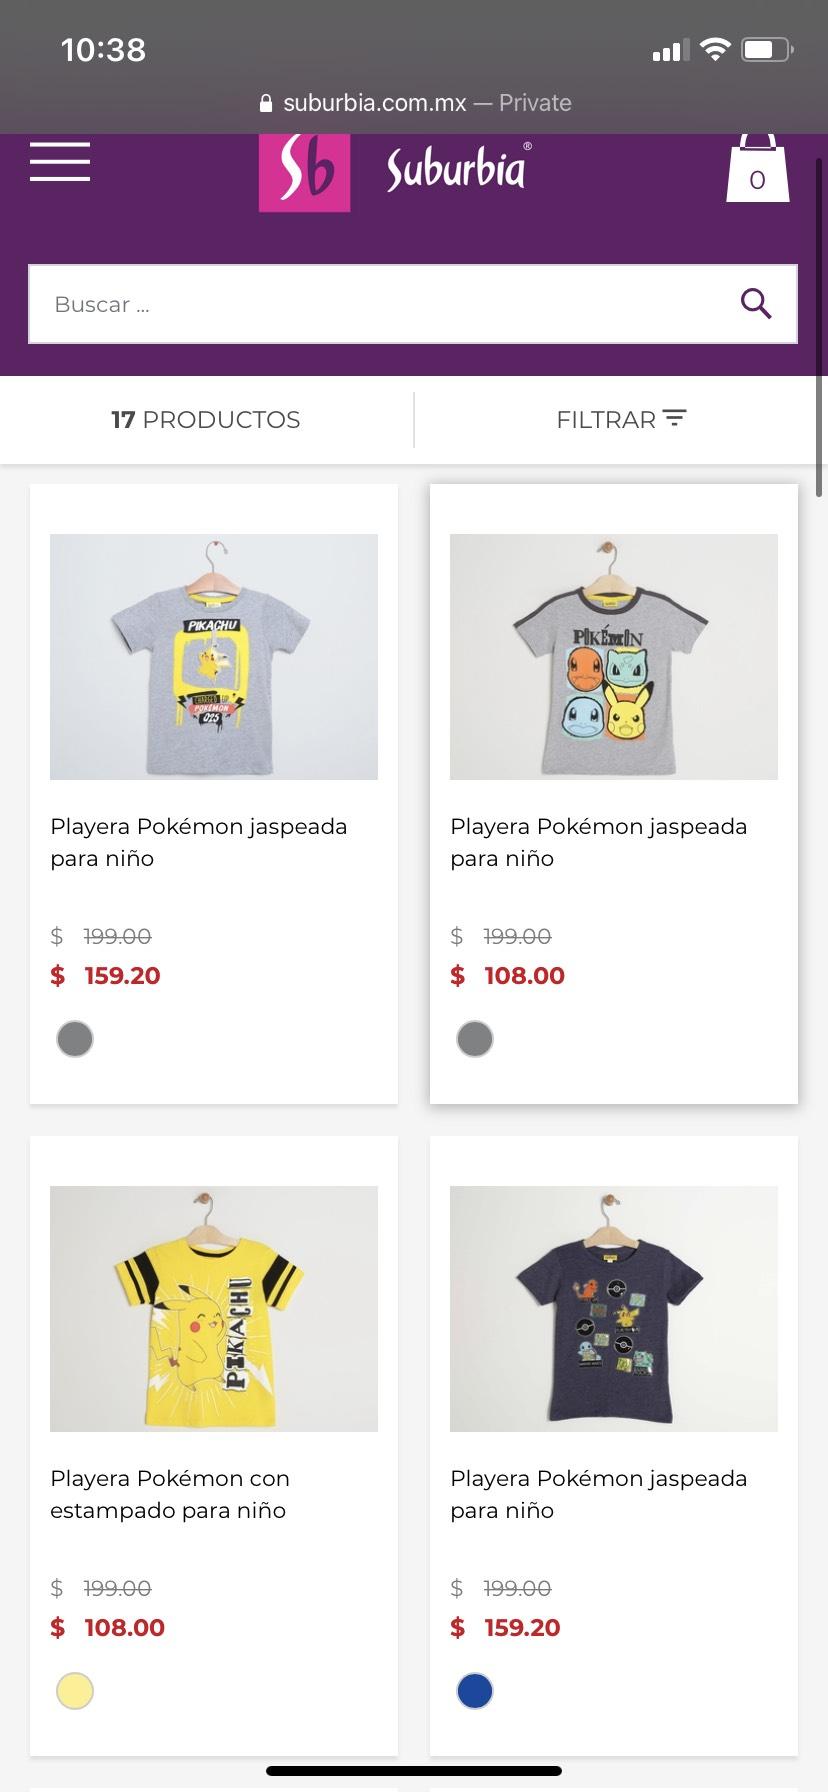 Suburbia Playeras pokemon desde 76 pesos envio gratis con un mínimo de compra de 699